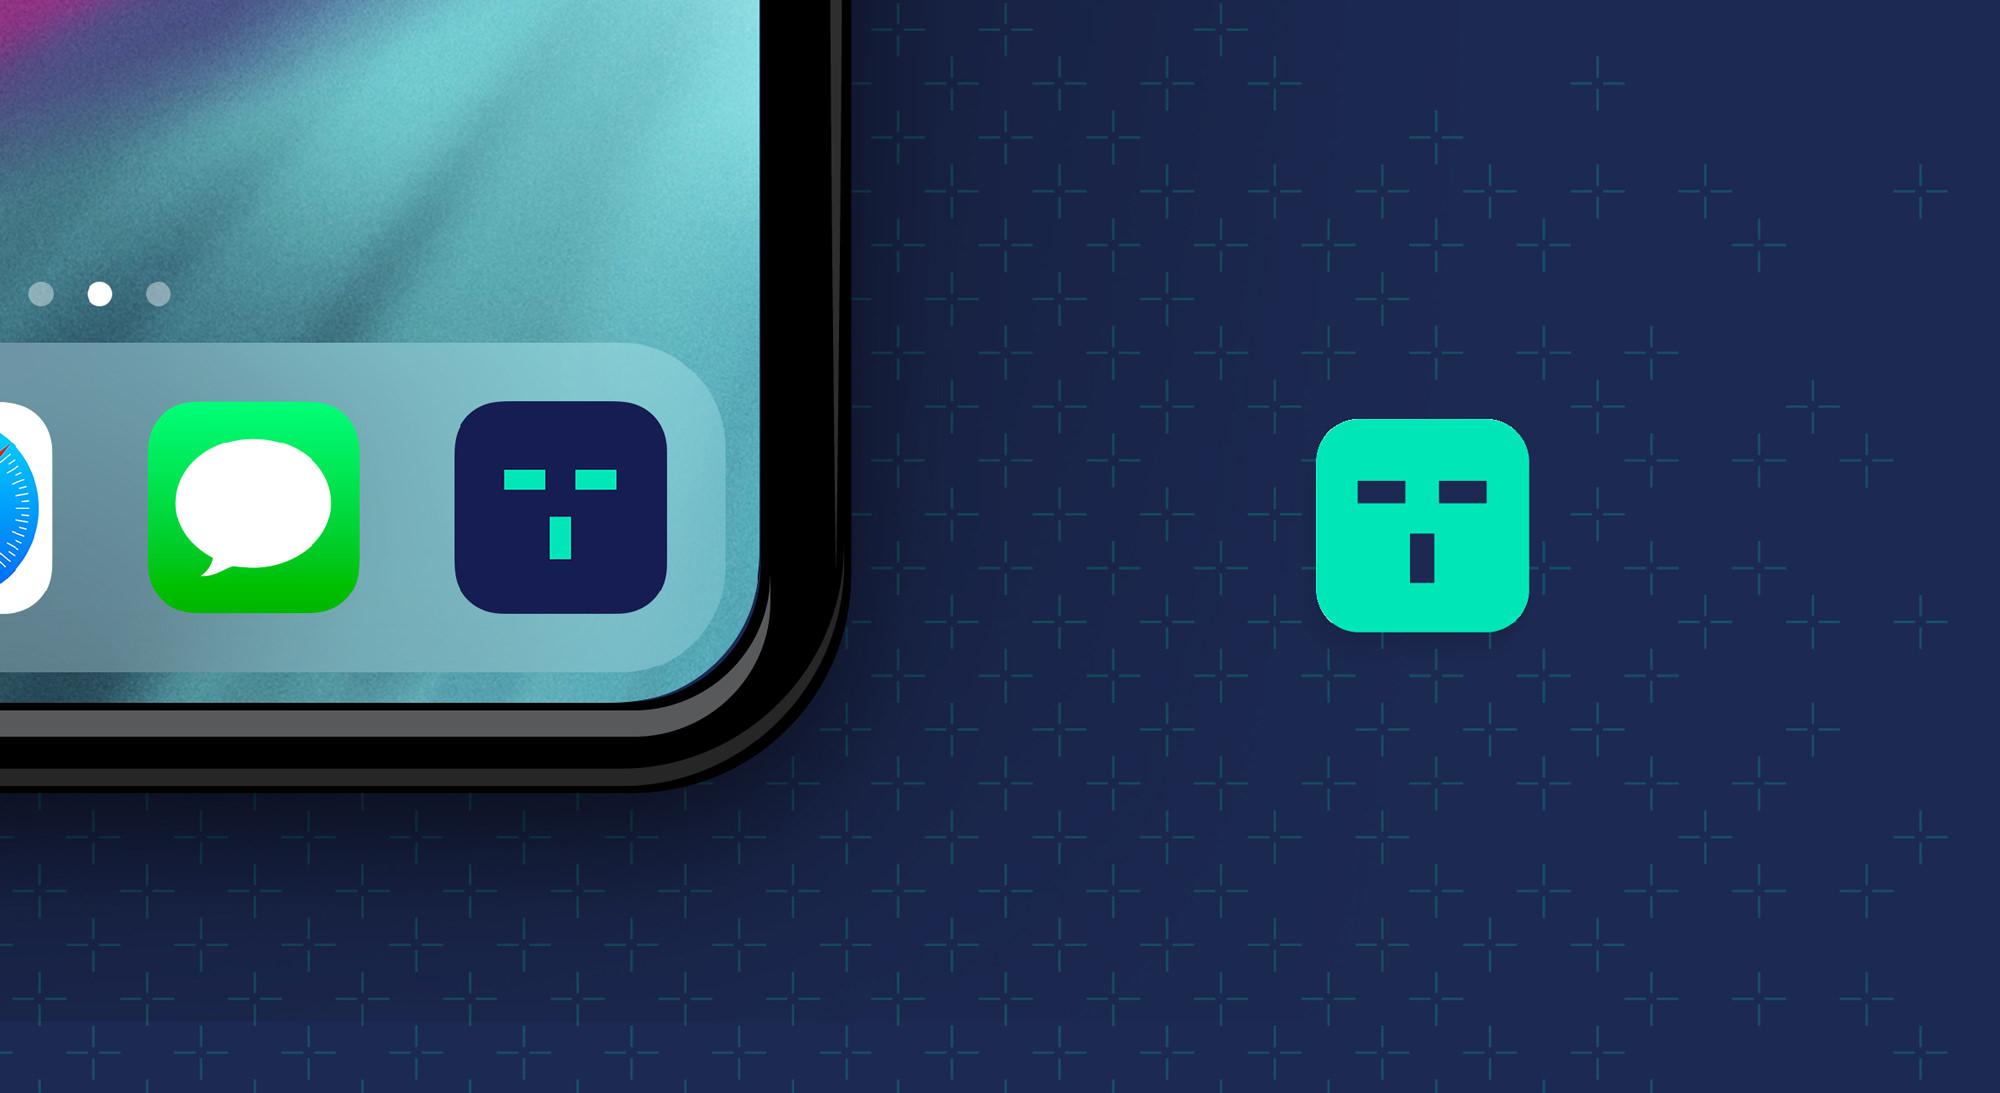 tracktest app badge design